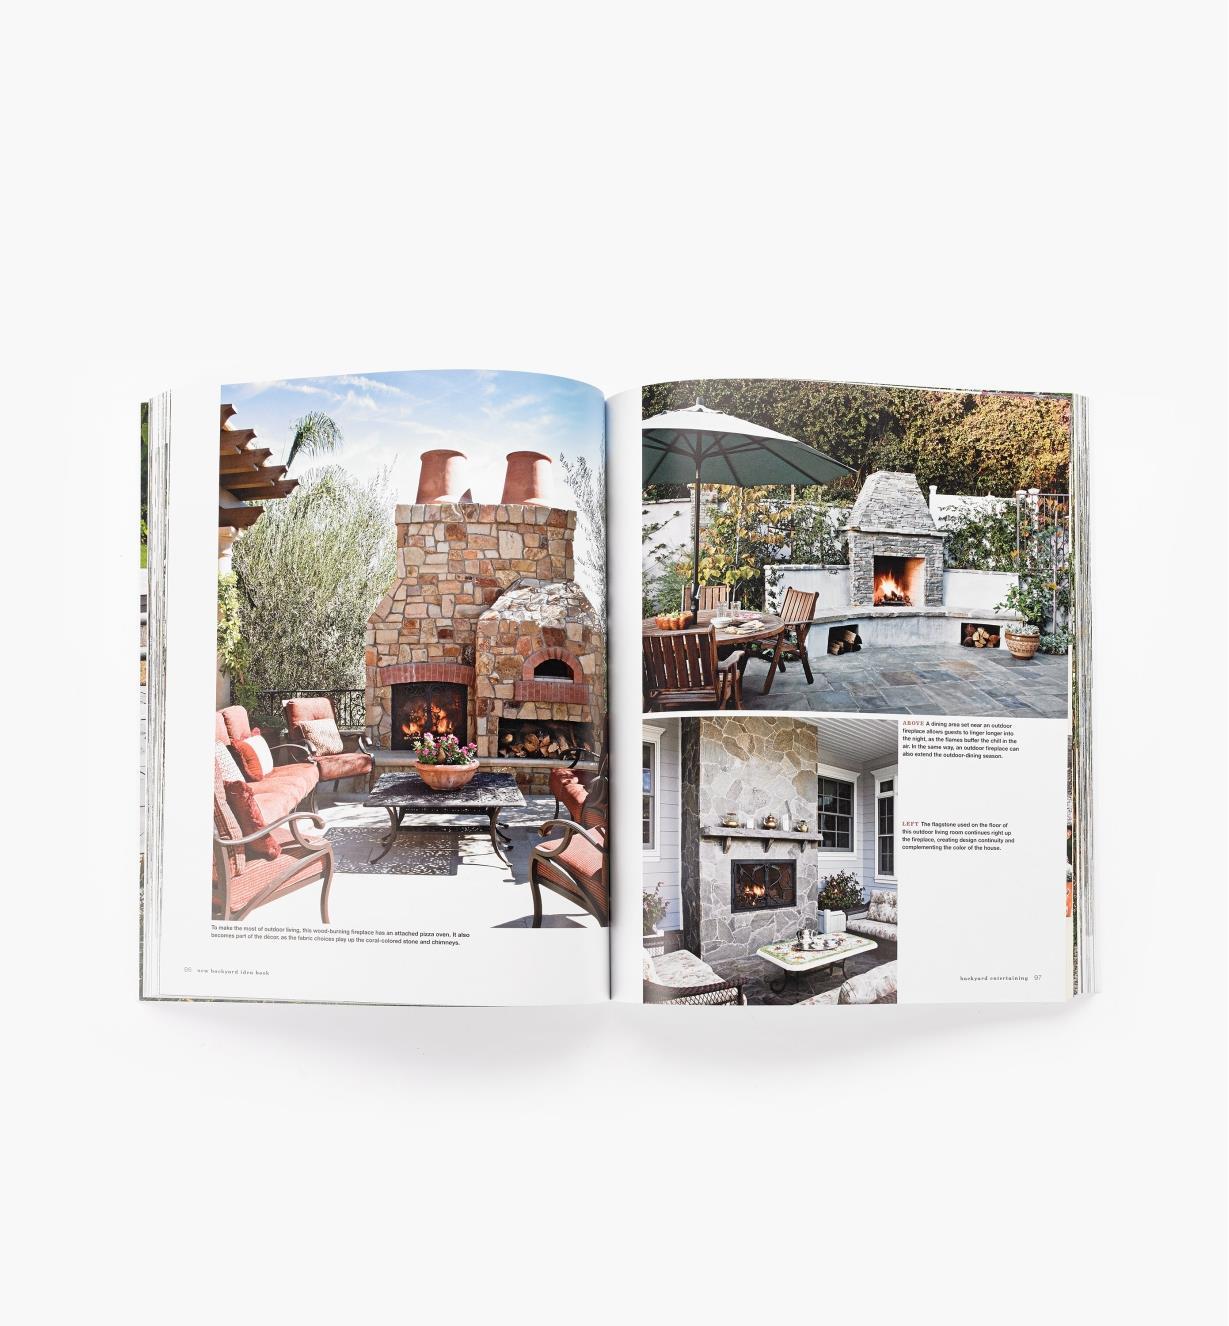 99W8283 - Backyard Idea Book